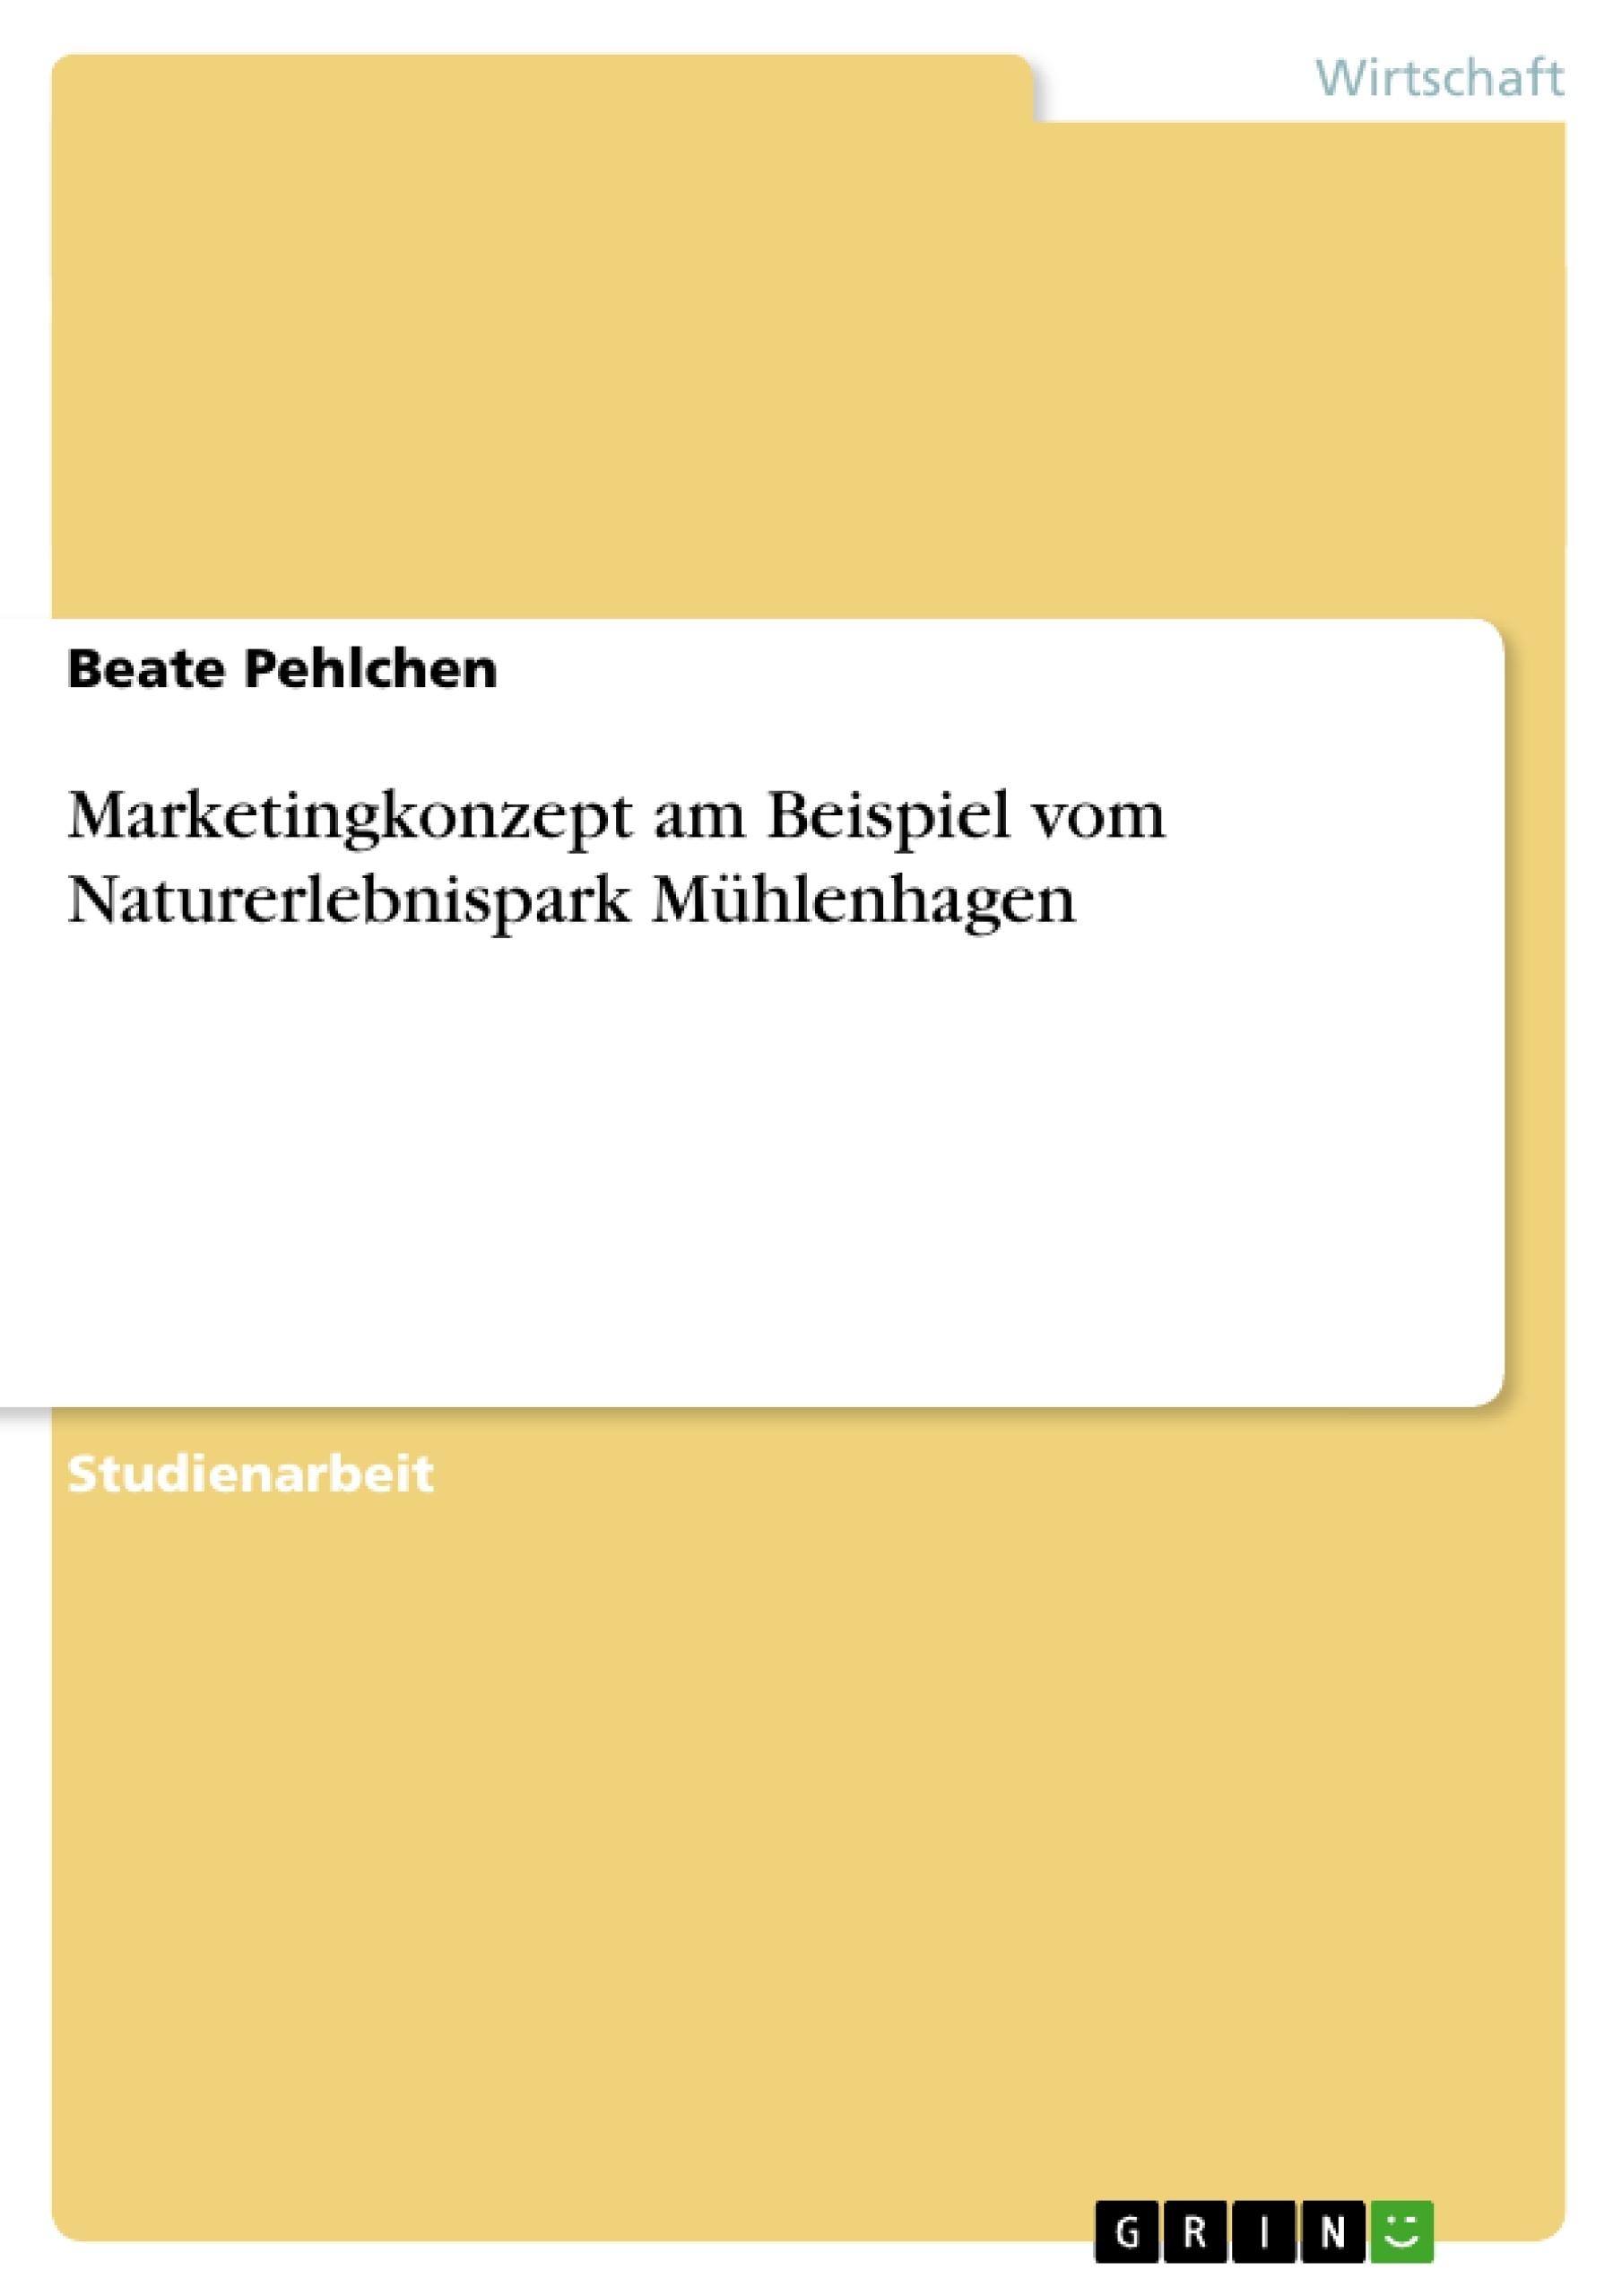 Titel: Marketingkonzept am Beispiel vom Naturerlebnispark Mühlenhagen